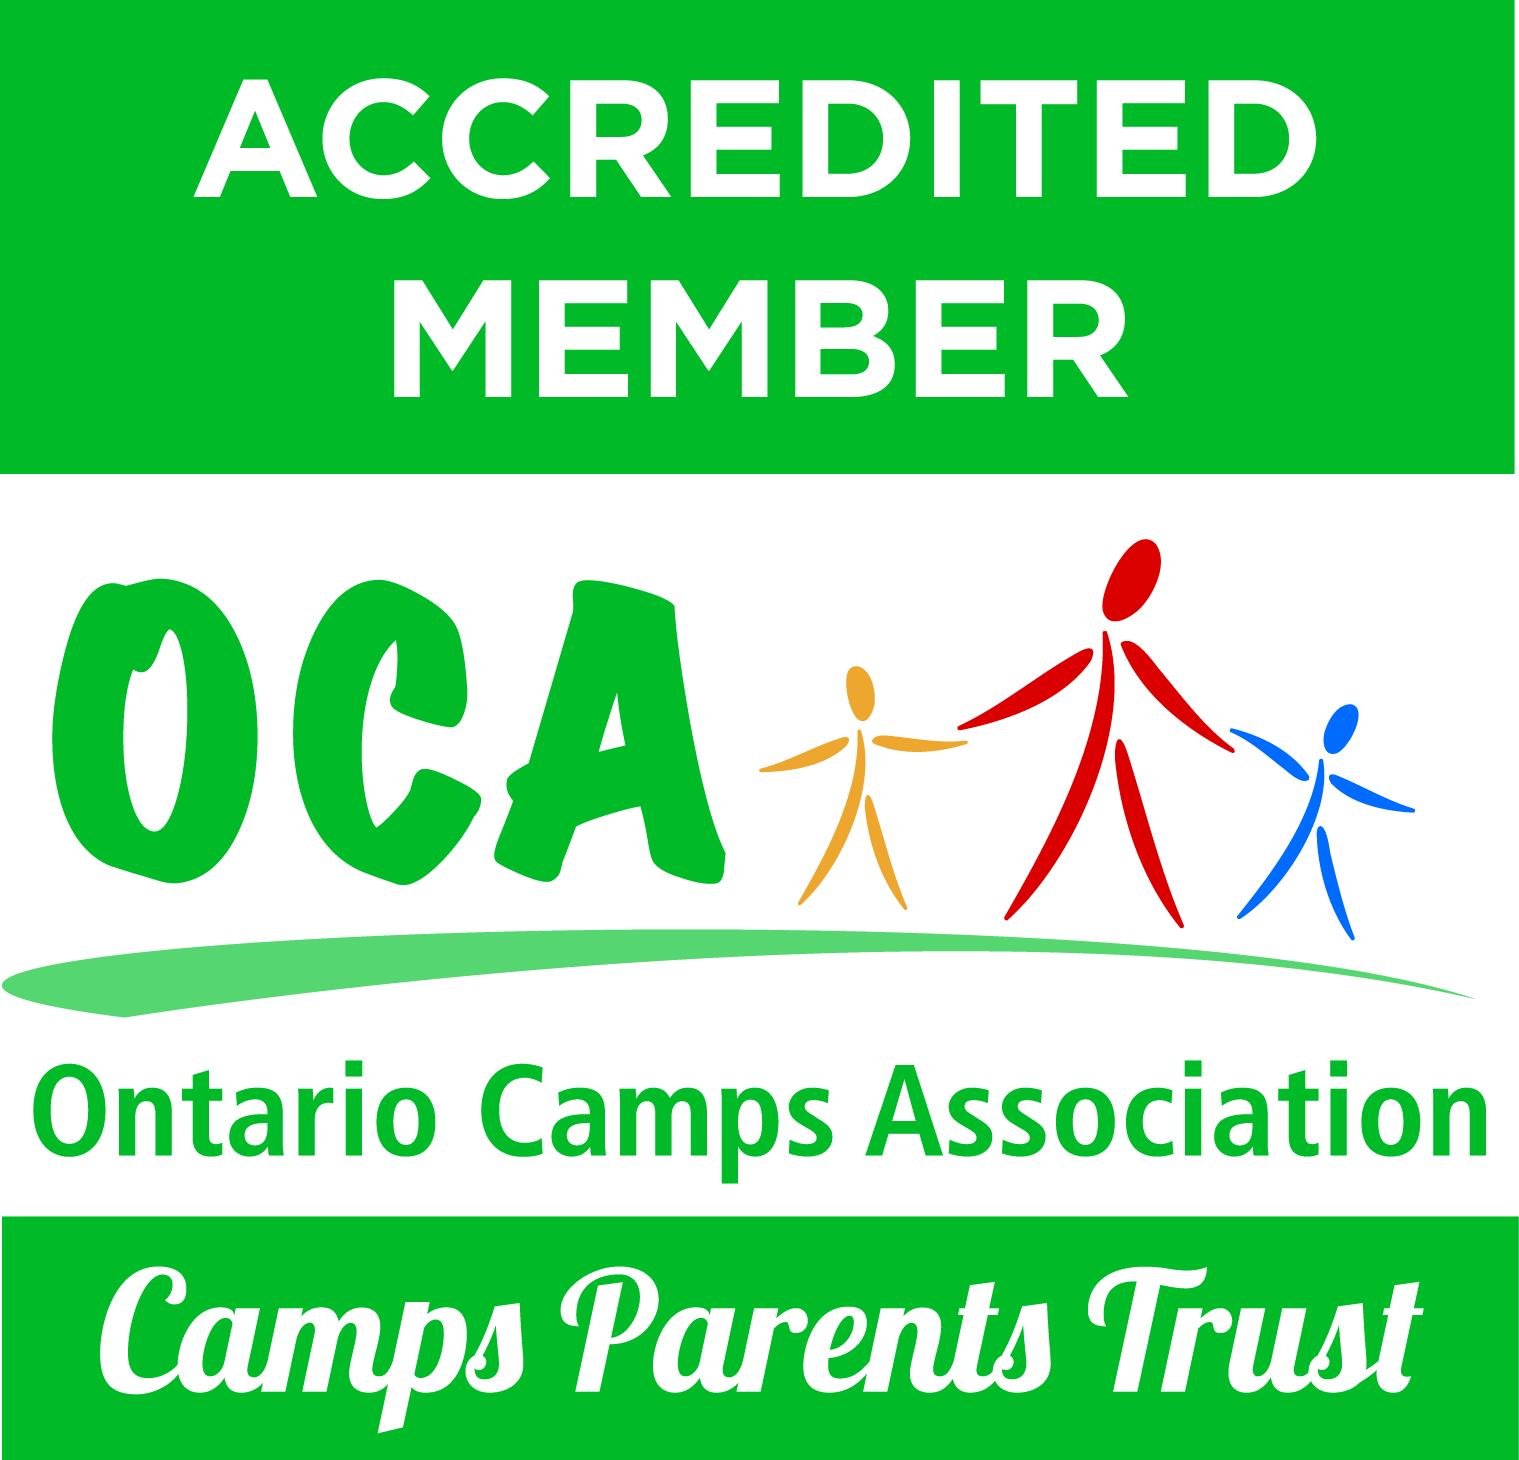 OCA-AccreditedMember-TagLineCOL (002)